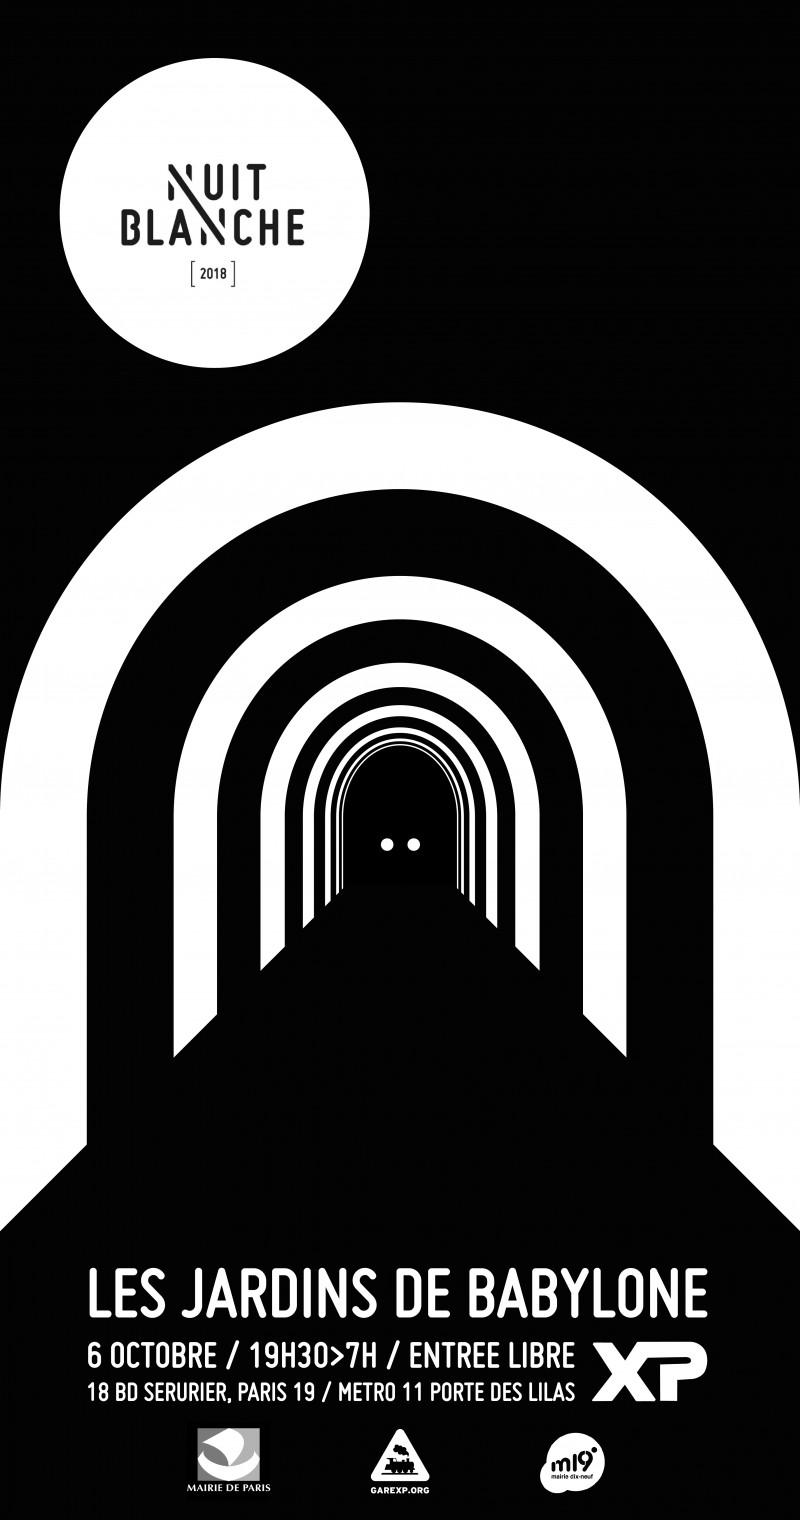 affiche-nuit-blanche-2018-gare-xp-80eed30cab8082e4fc8a6d0ce5dd67e0